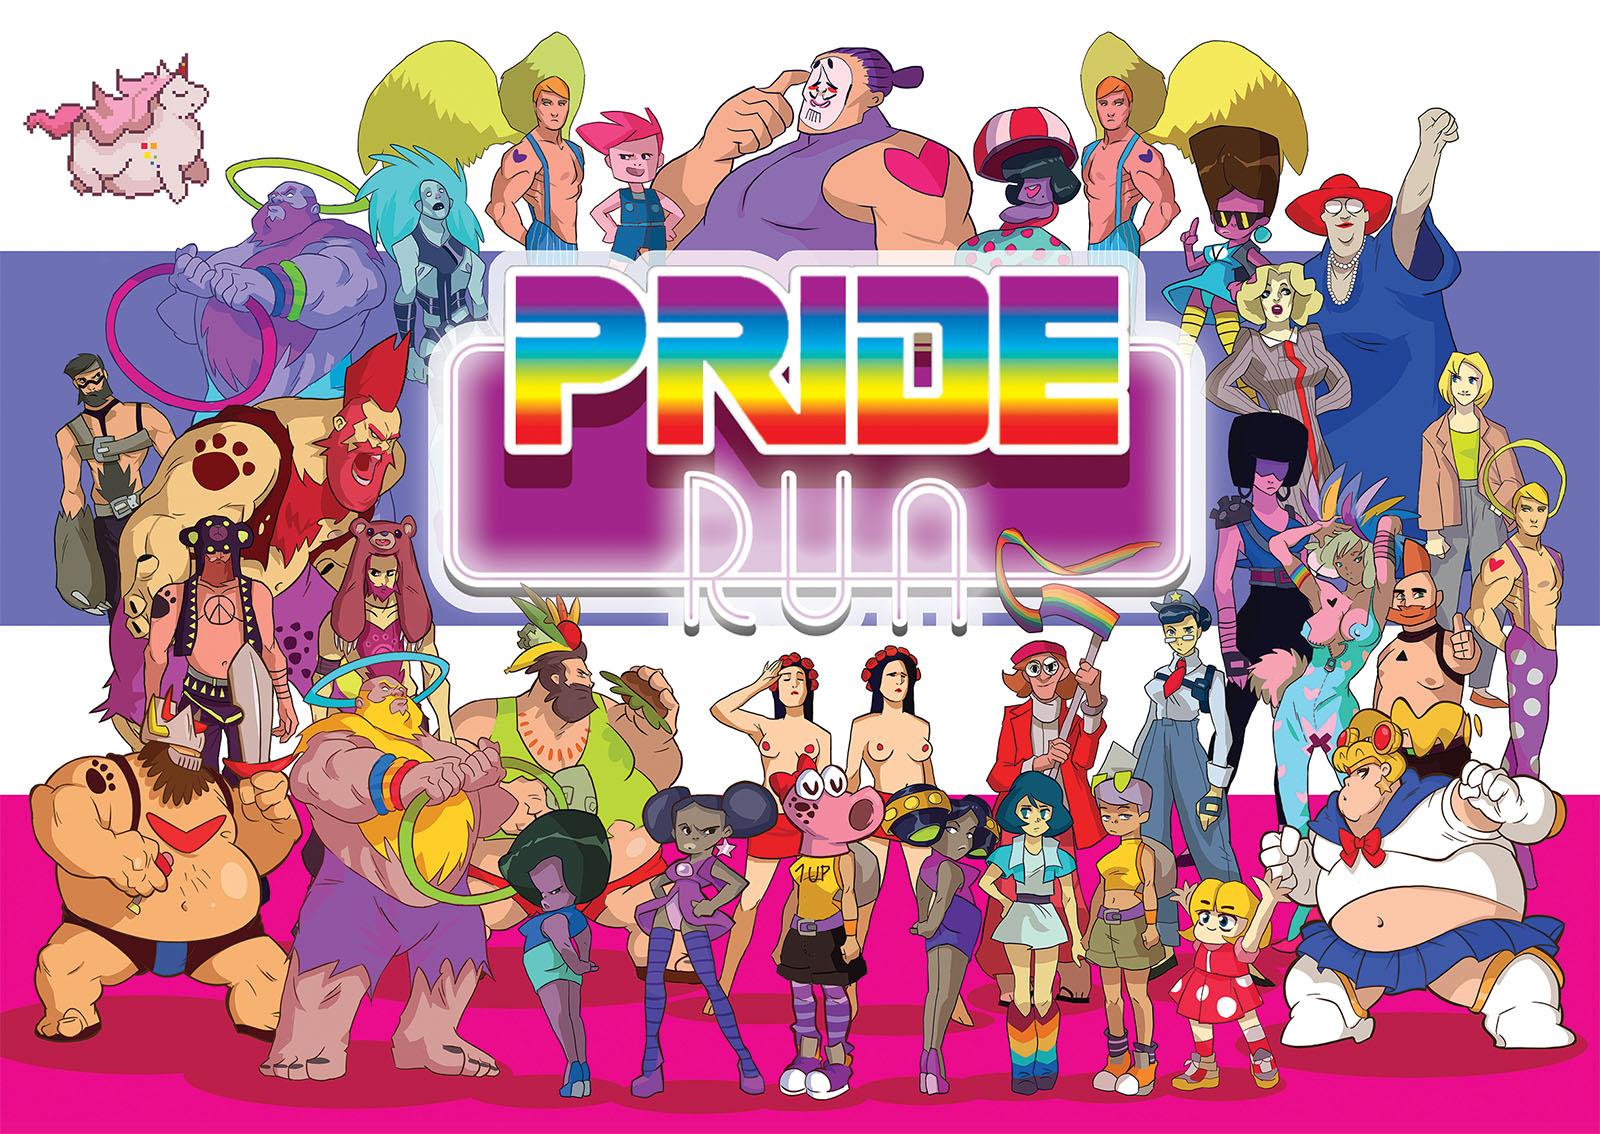 pride-run-foto-di-gruppo-personaggi